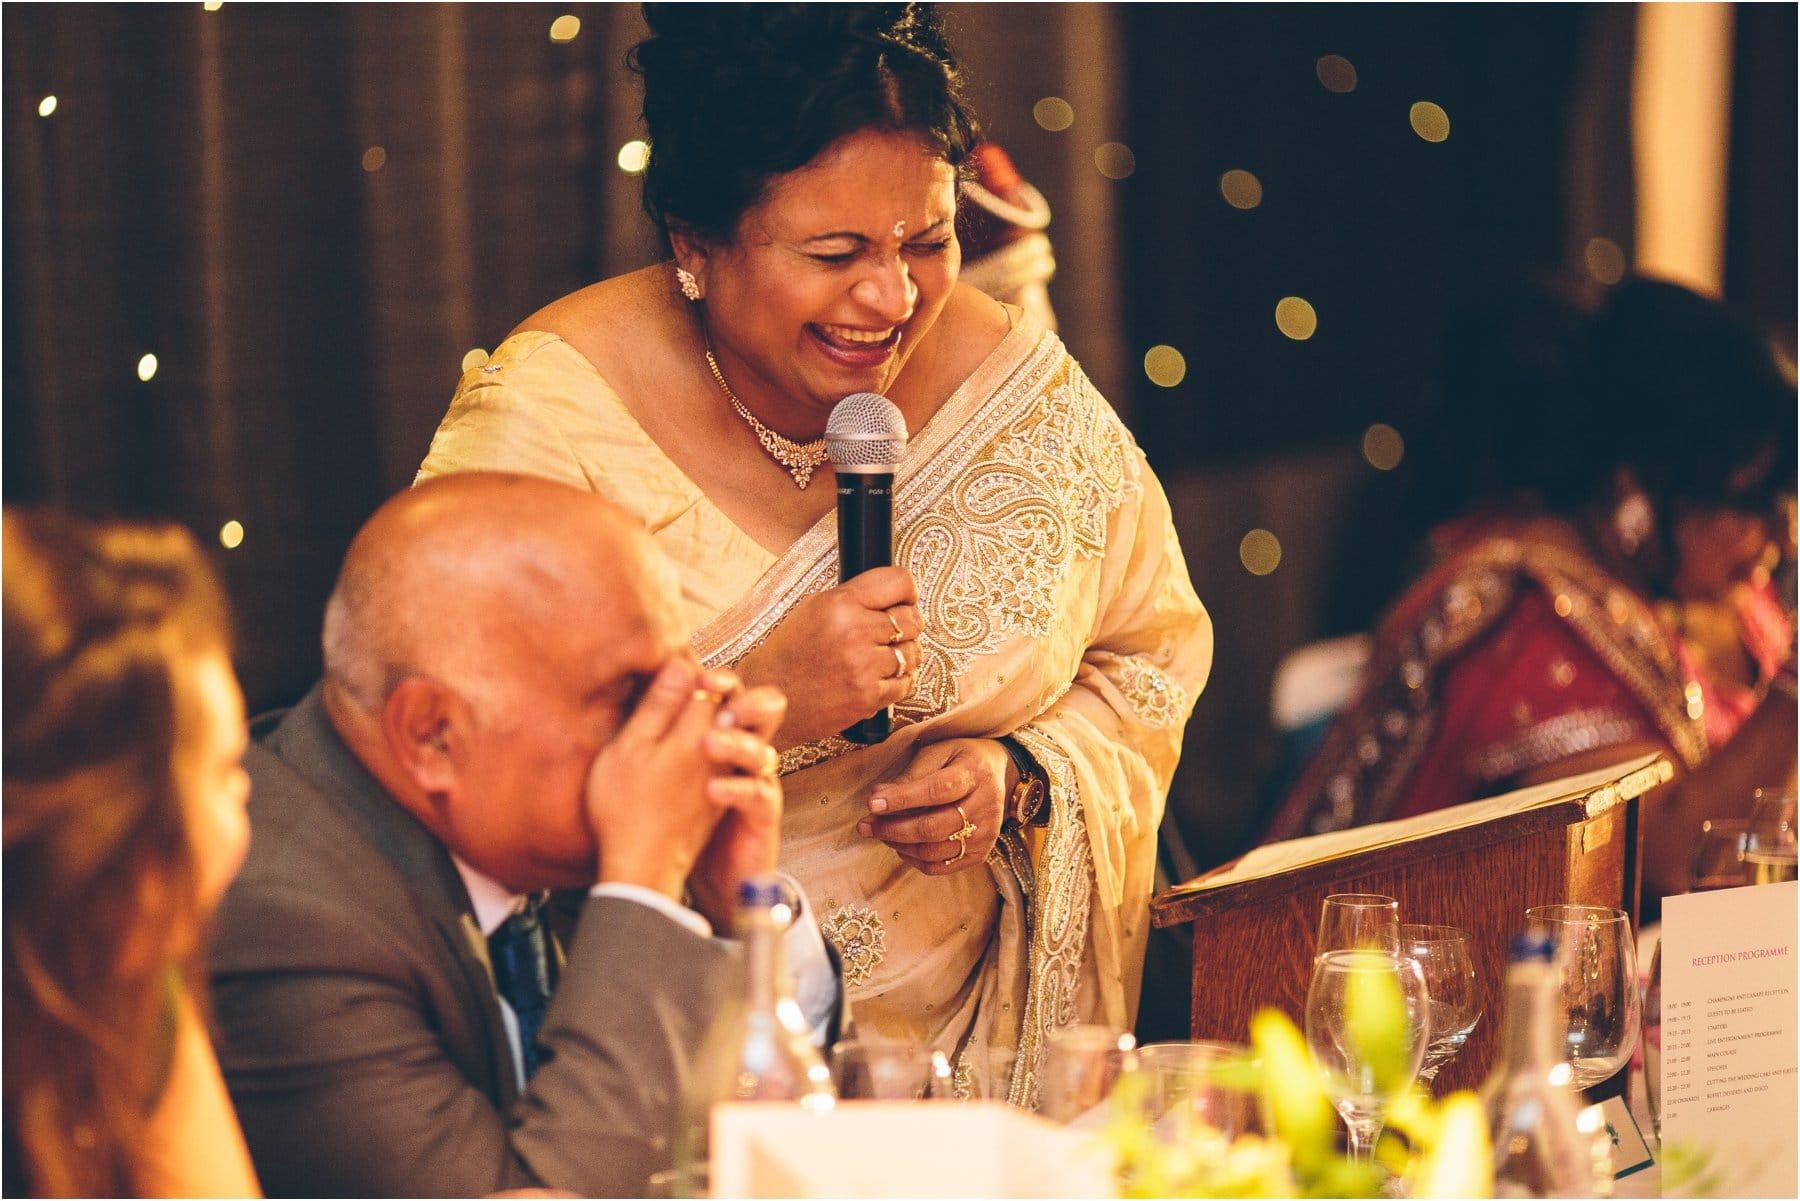 Lancashire_Indian_Wedding_Photography_0155